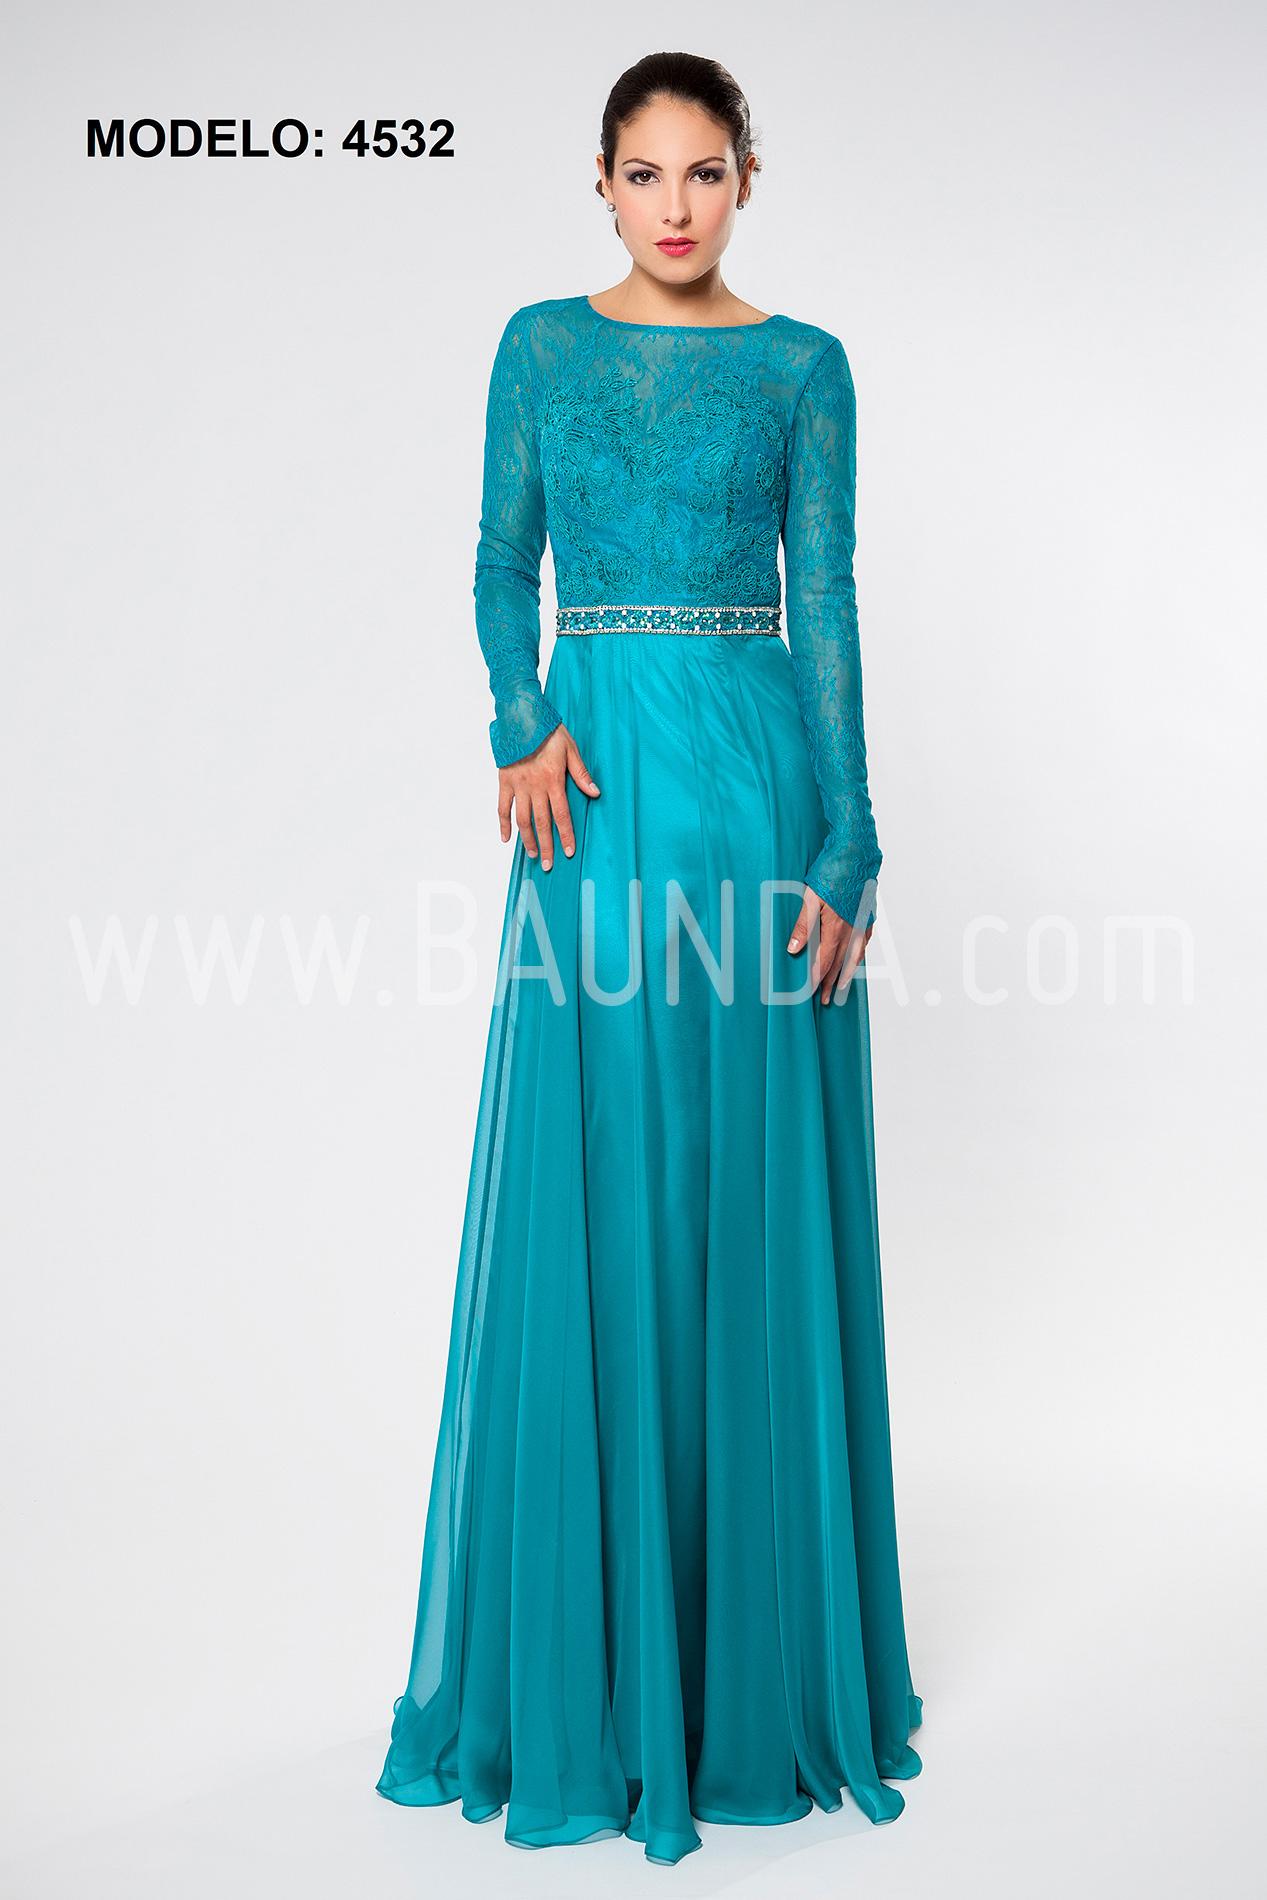 Vestidos de noche color azul turquesa -  Font B Turquoise B Font Font B Evening B Font Font B Gowns B Font Vestidos De Noche Azul Turquesa 2015